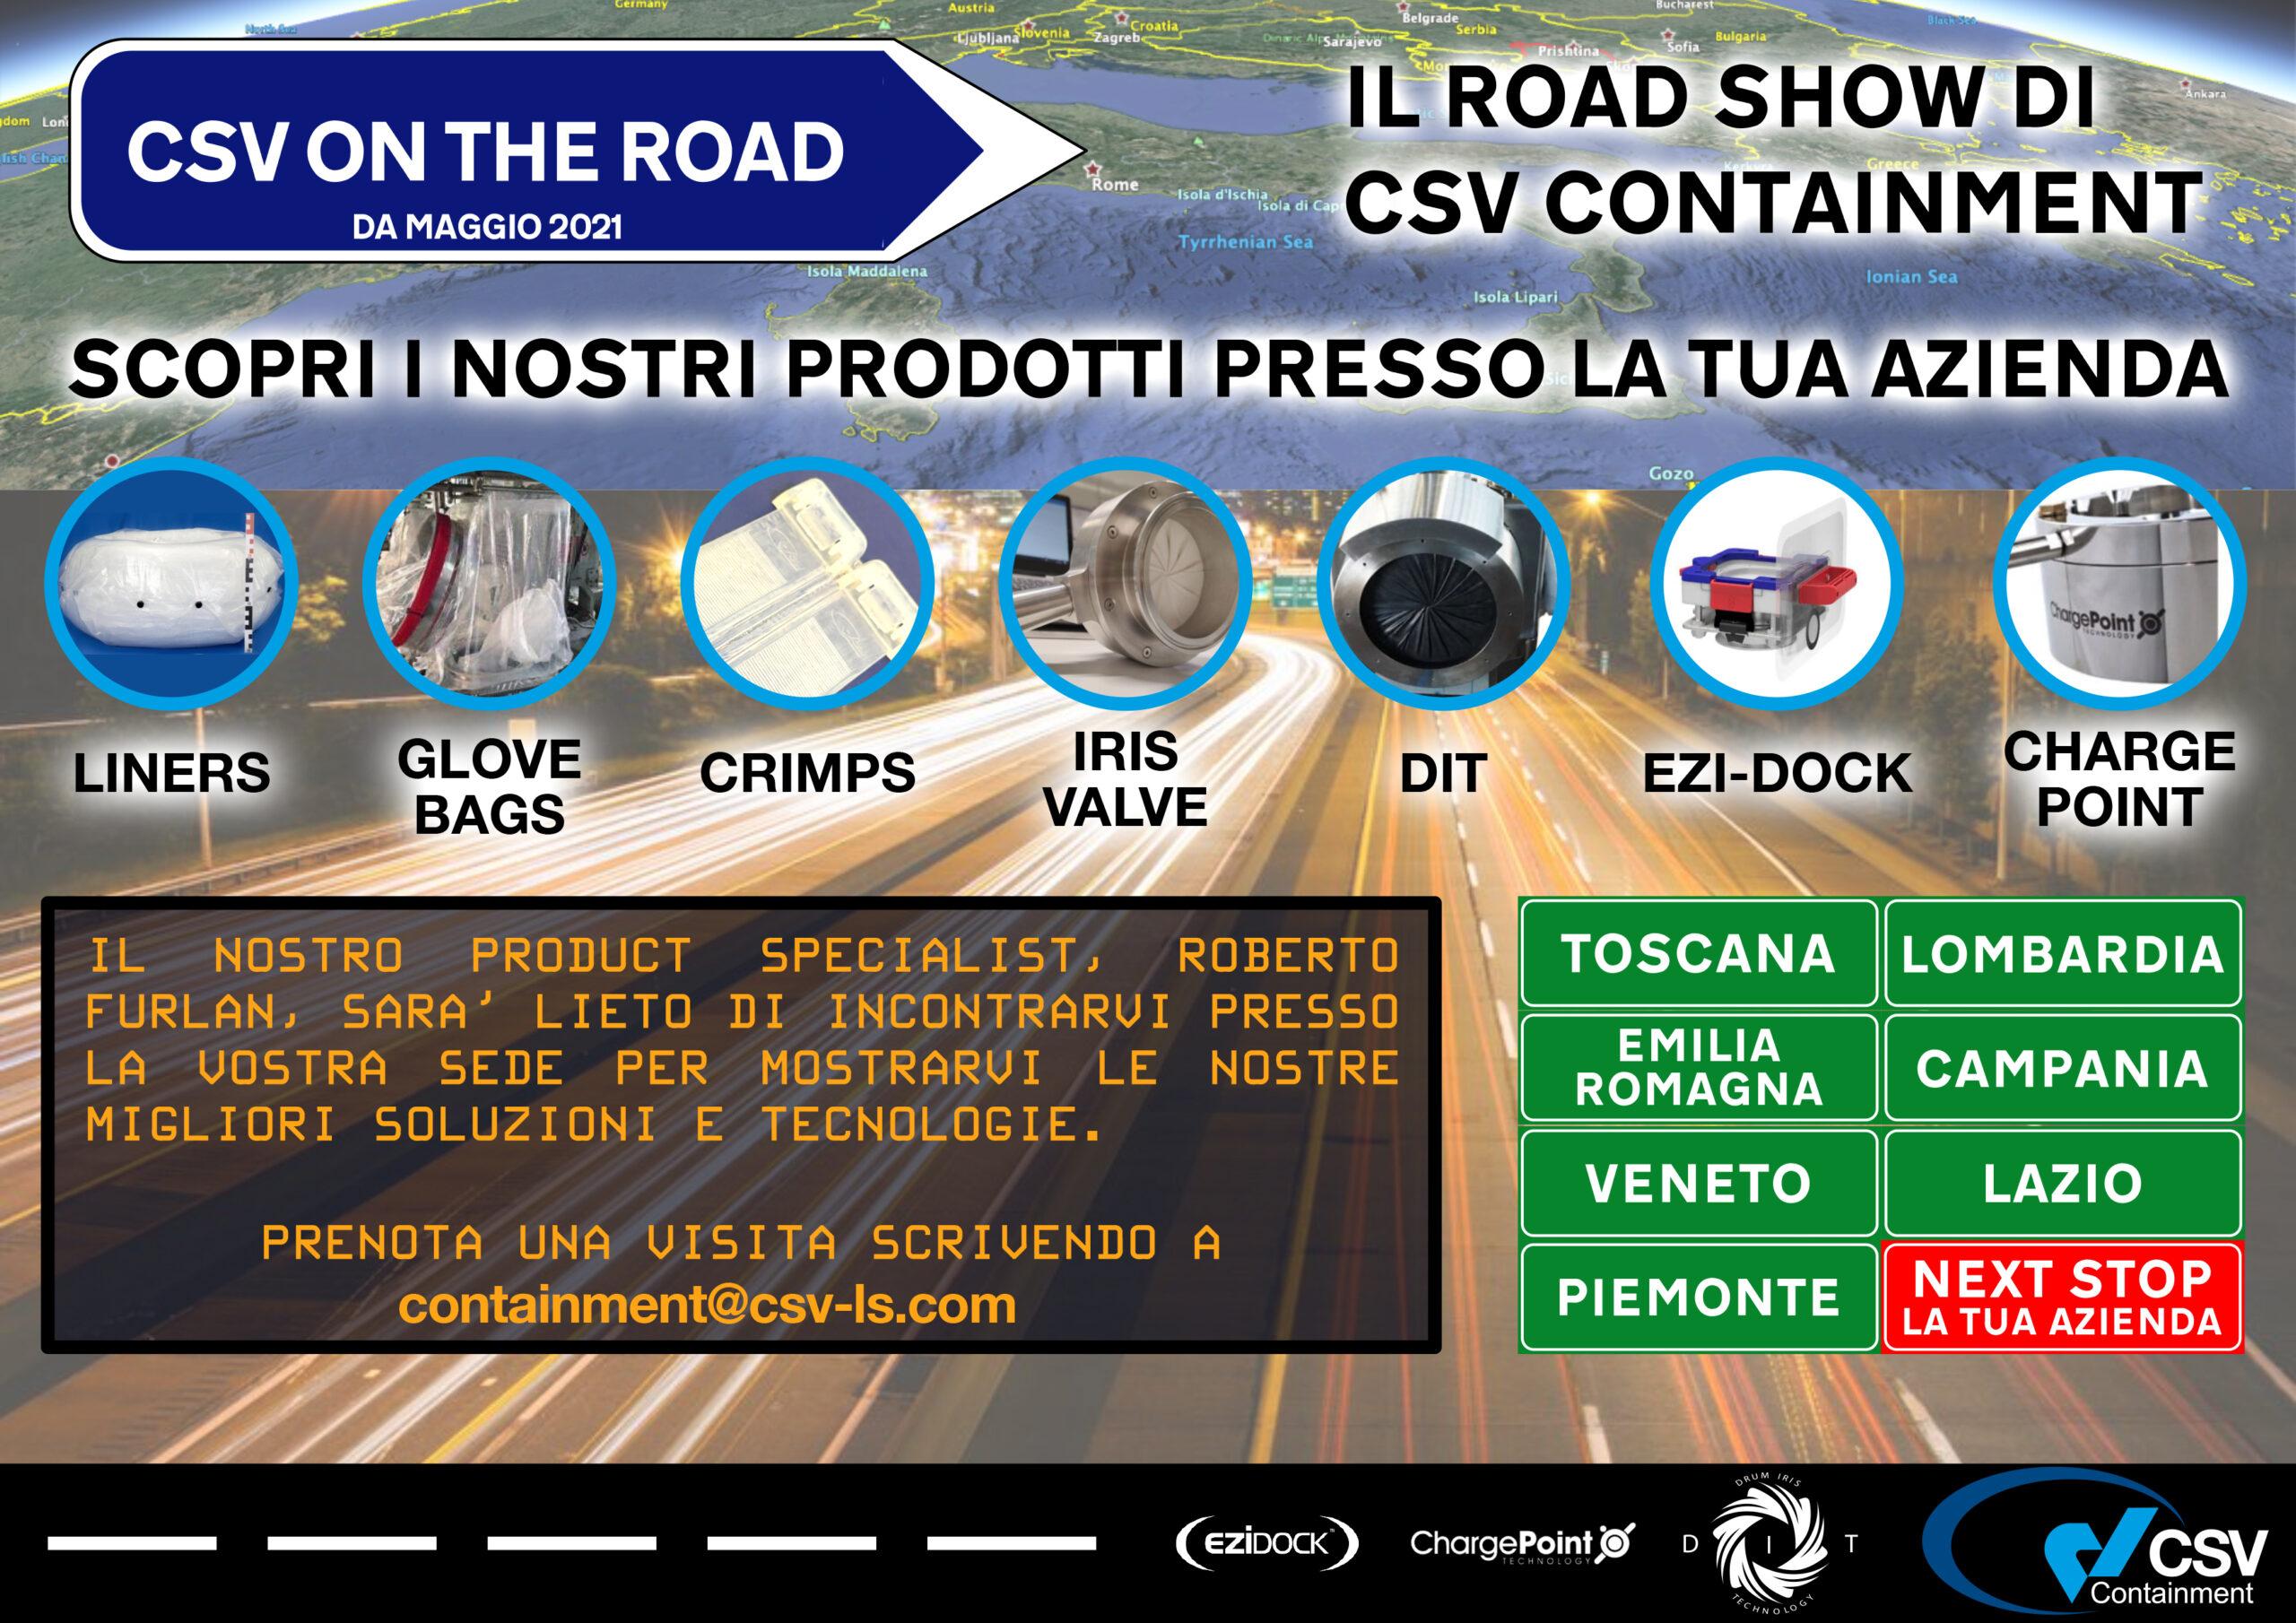 Csv in tour in Italia